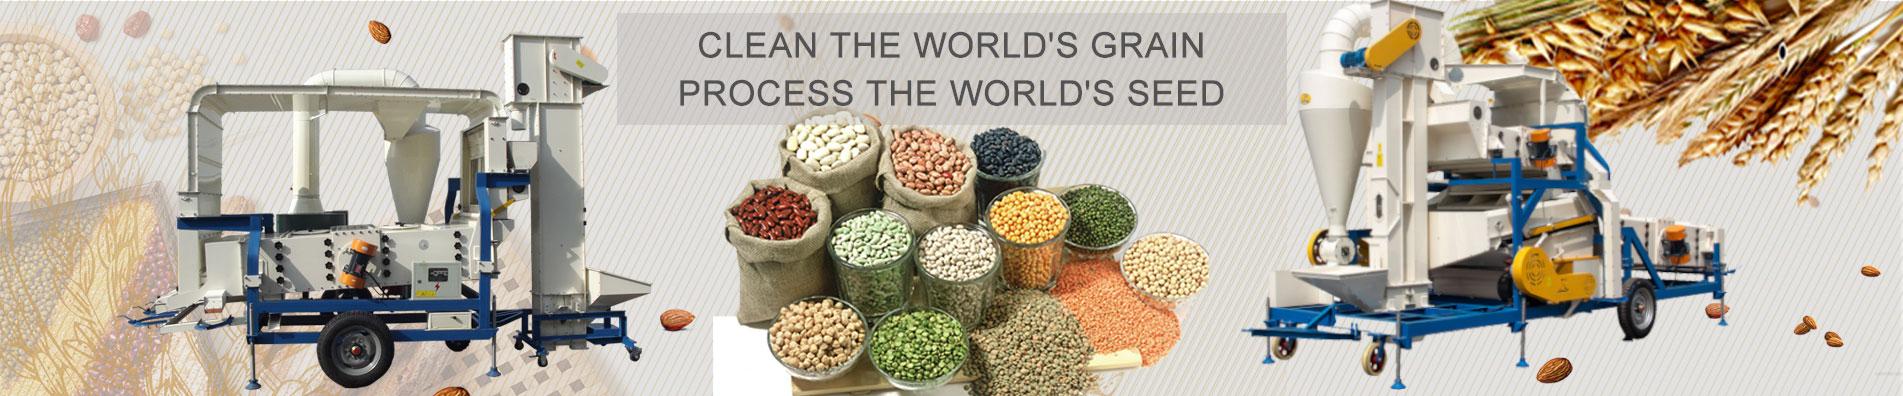 Nettoyer le grain du monde Traiter la graine du monde